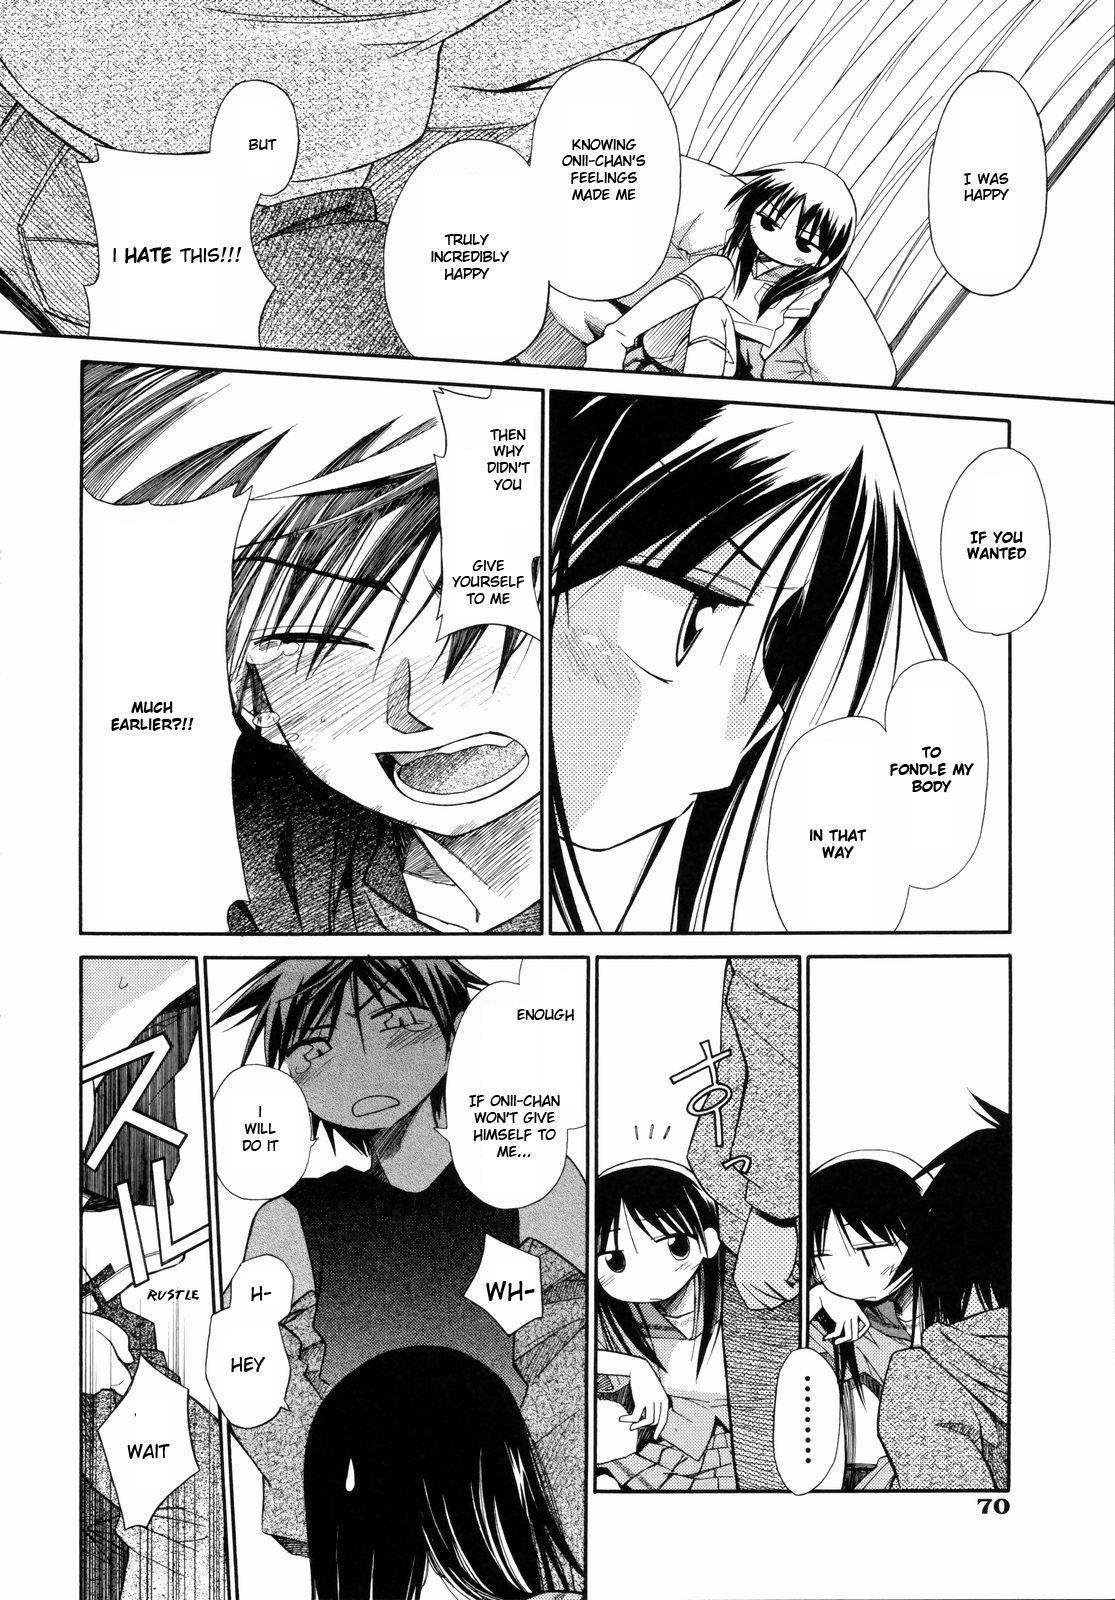 [kiR-Rin] Narcissus Chapter 3 (English) - a.k.a. Imouto / Emote Mode : Suisen no Hana no Numa no Fuchi (sensualaoi) 8